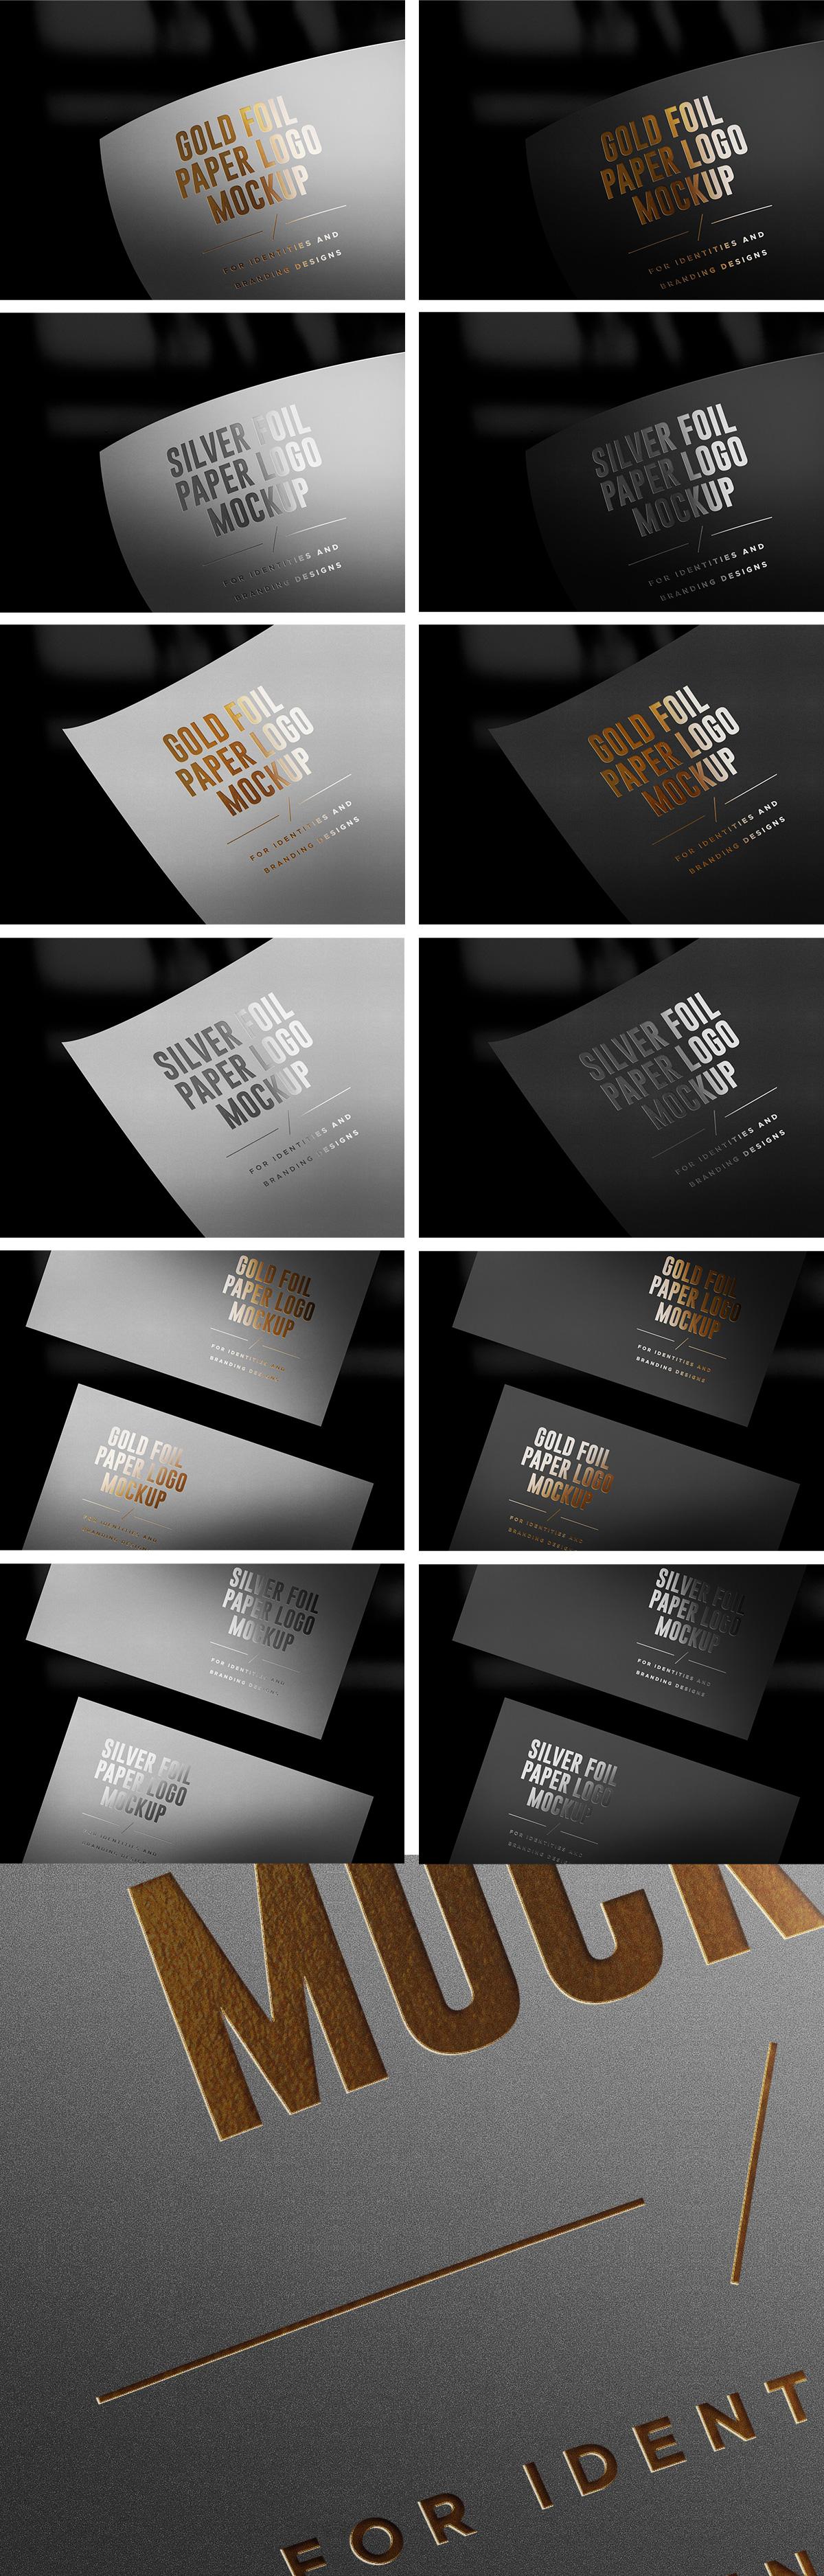 Gold & Silver Foil Paper Logo Mockups